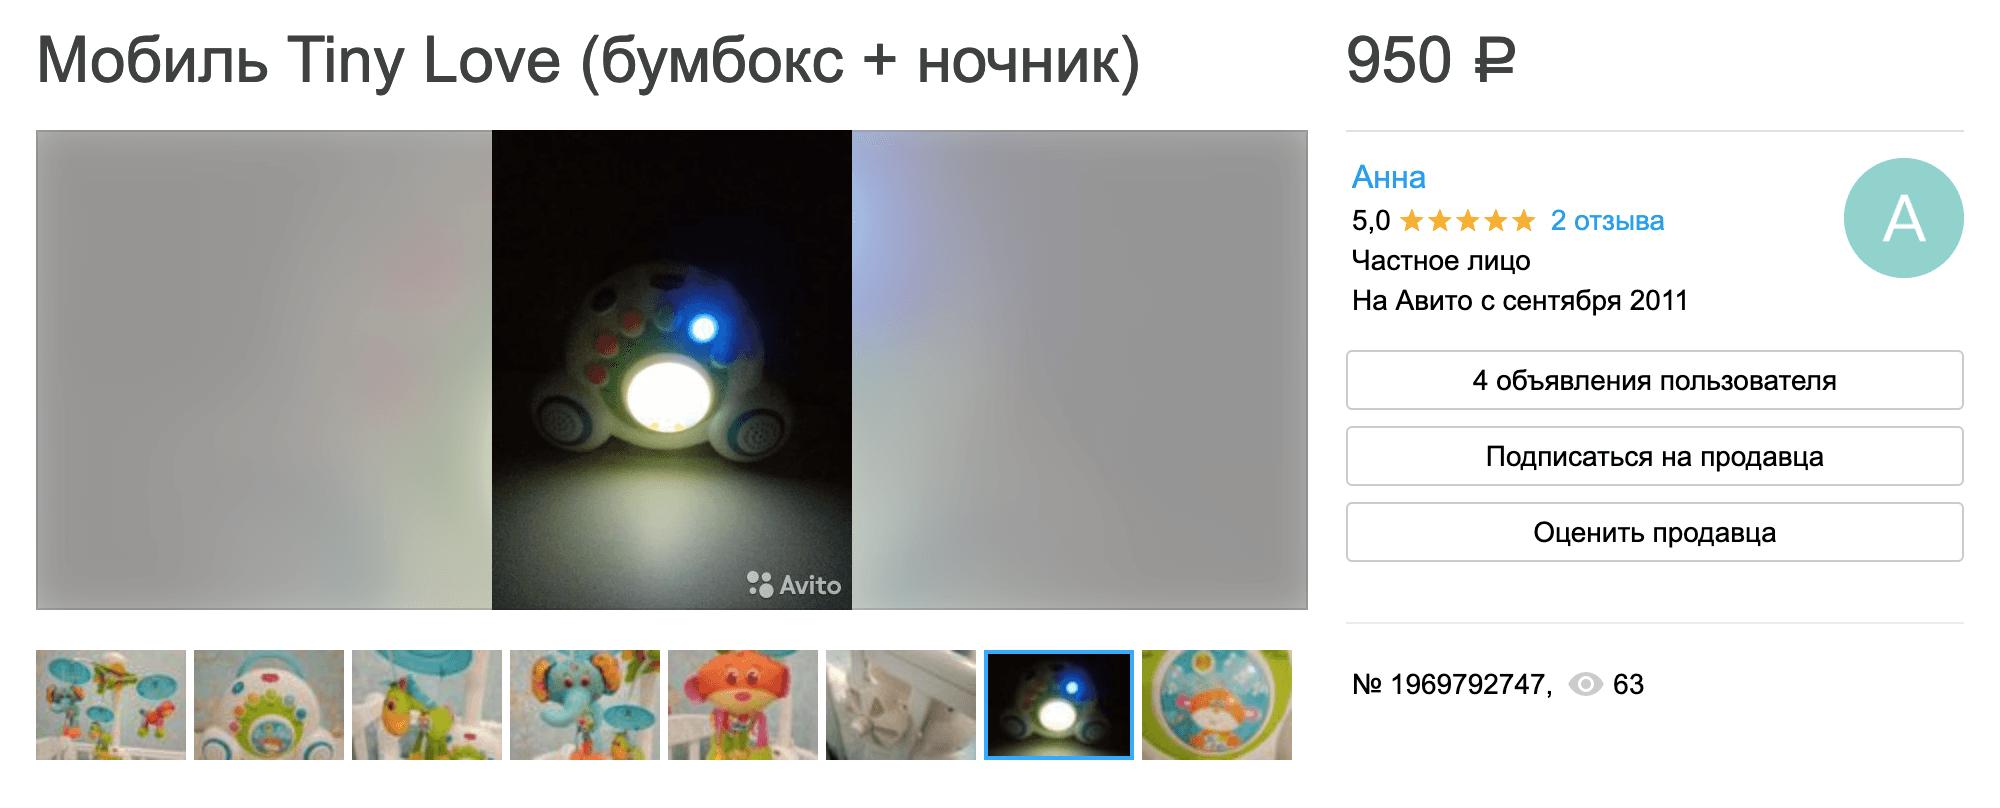 Если прибор светится, я фотографирую его в темноте